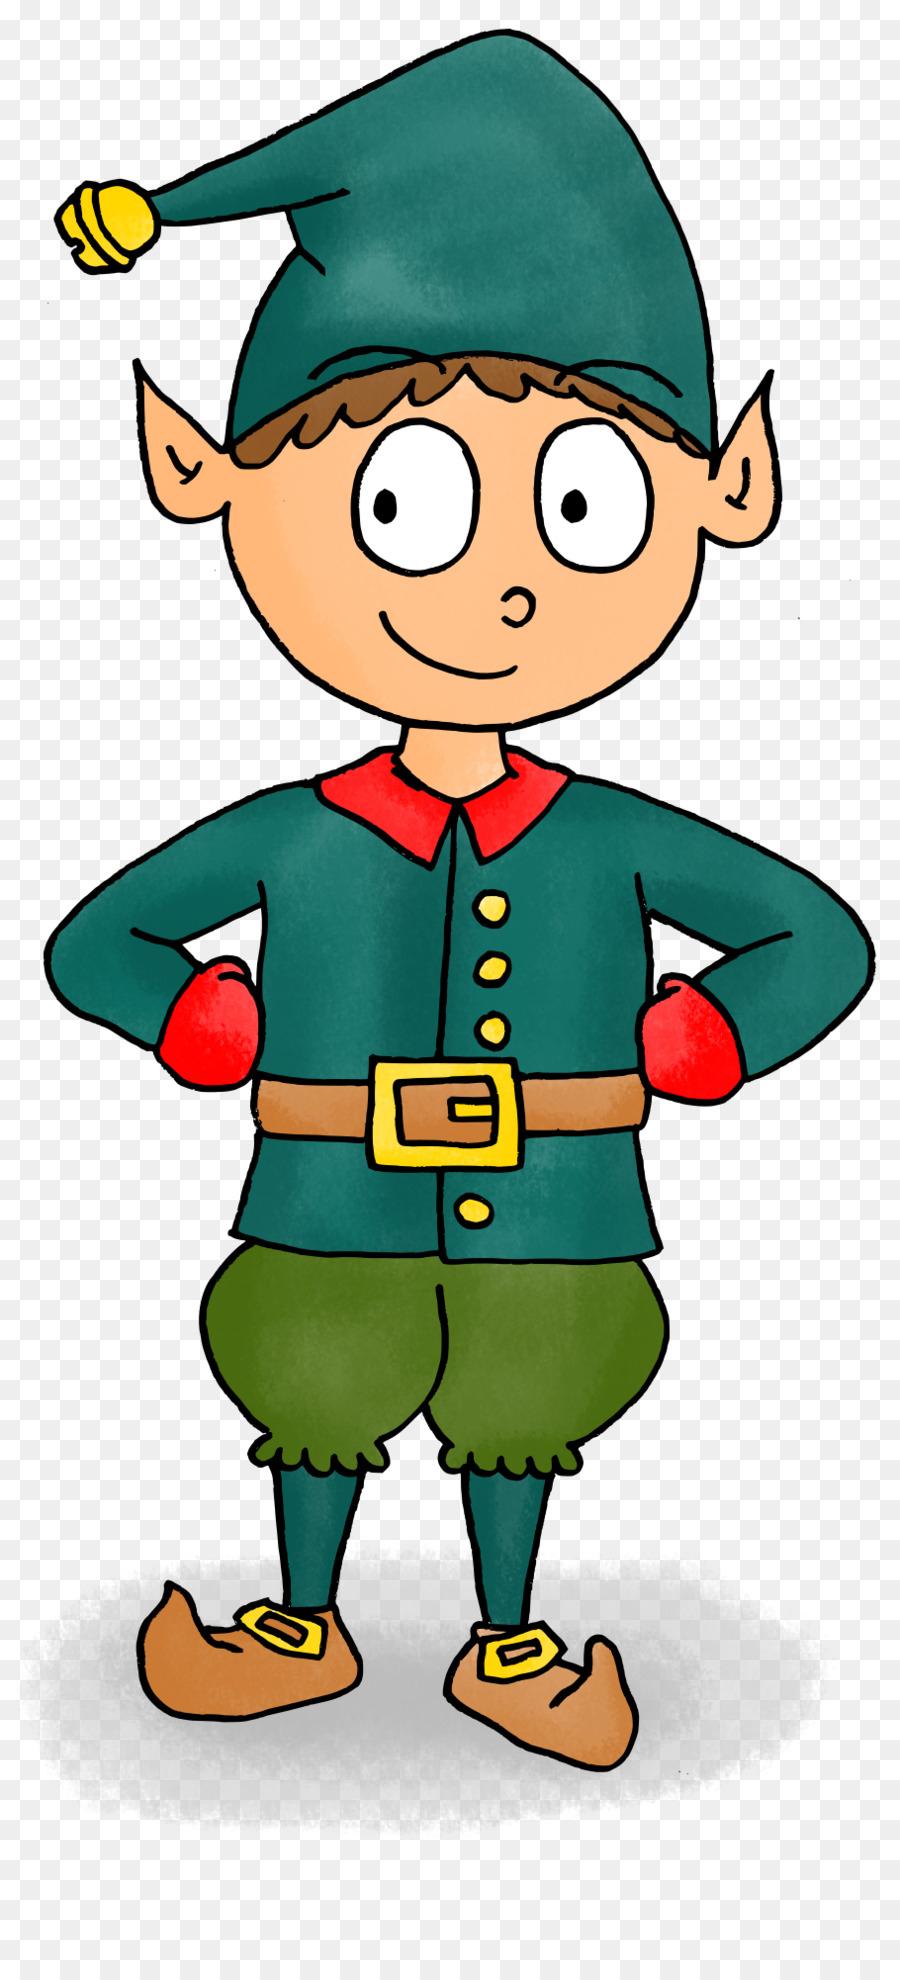 Lutin, Dessin, Le Père Noël Png - Lutin, Dessin, Le Père avec Dessiner Un Lutin